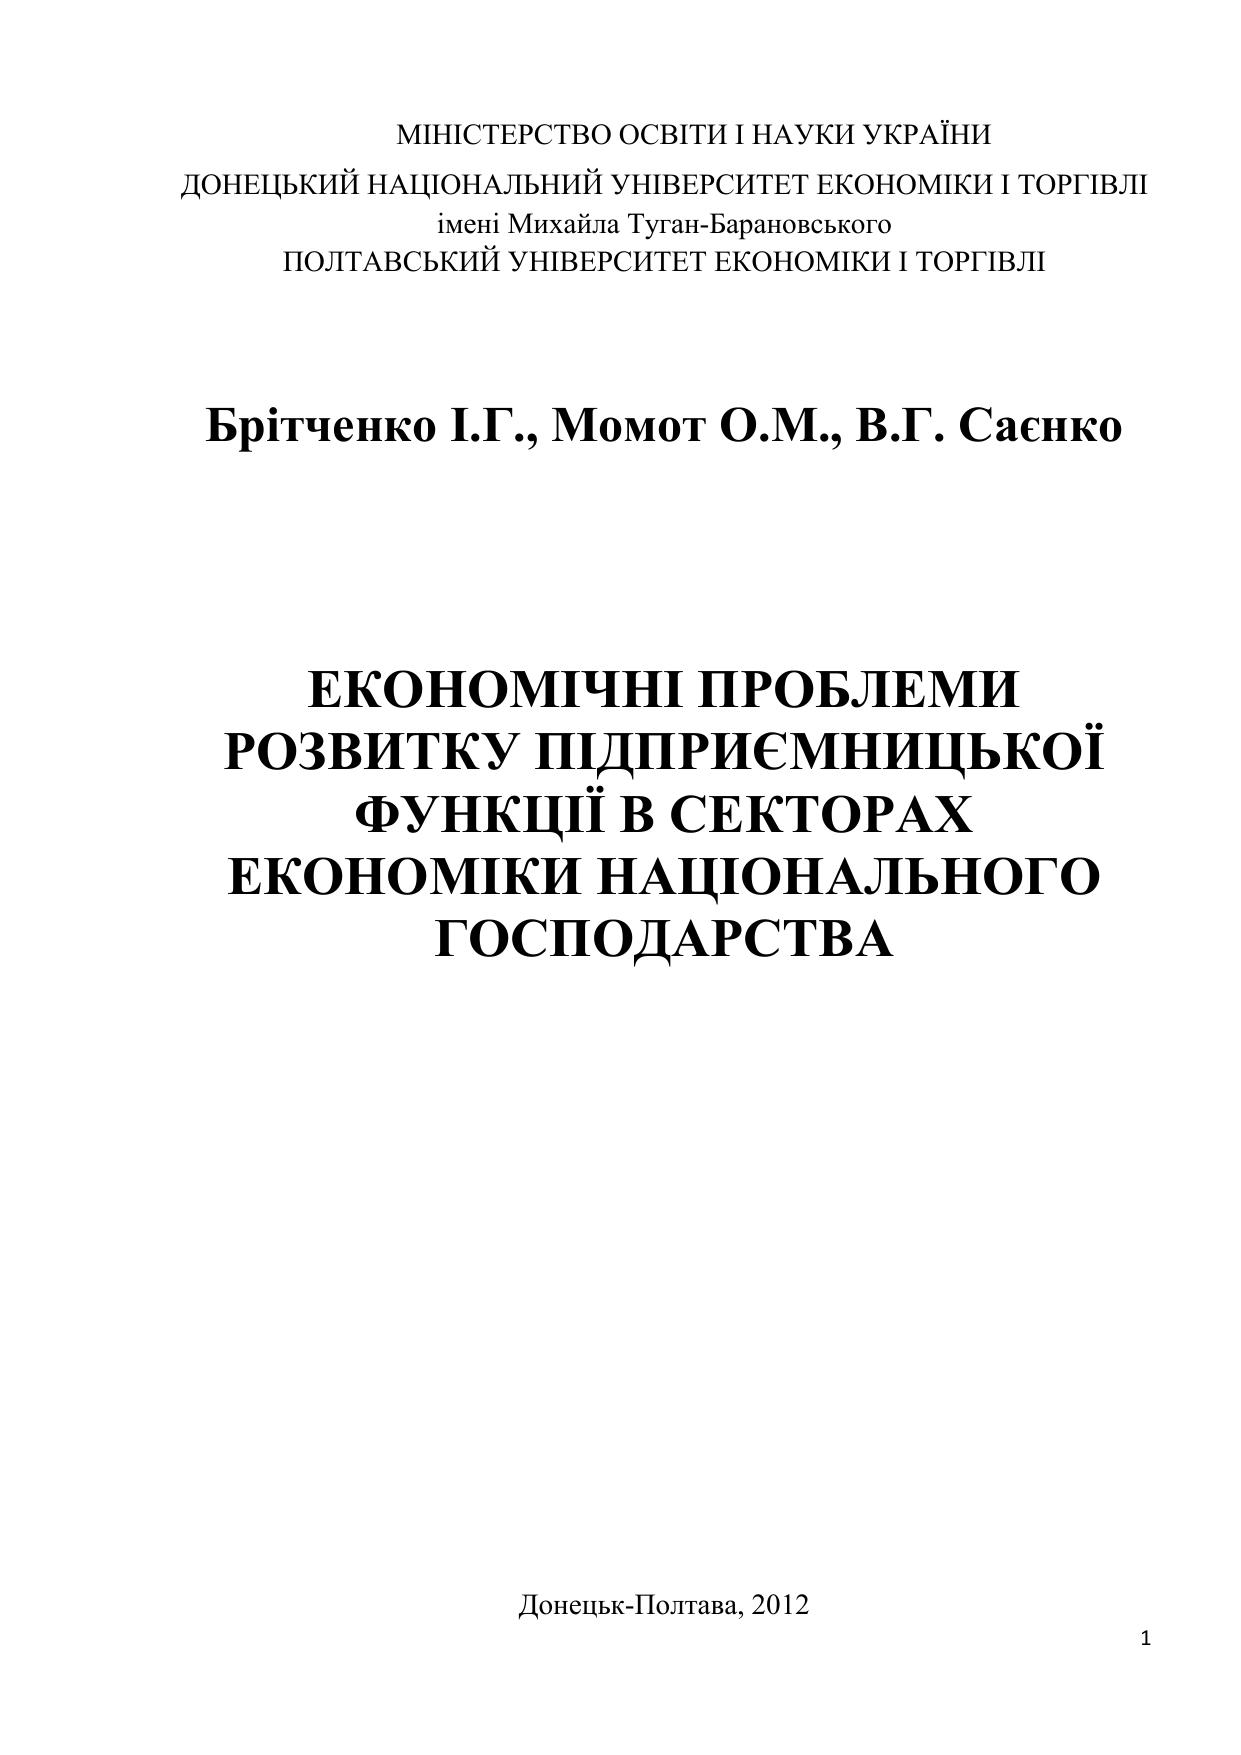 Книга  Економічні проблеми розвитку підприємницької функції в секторах  економіки національного господарства d0e8ca2e9d297